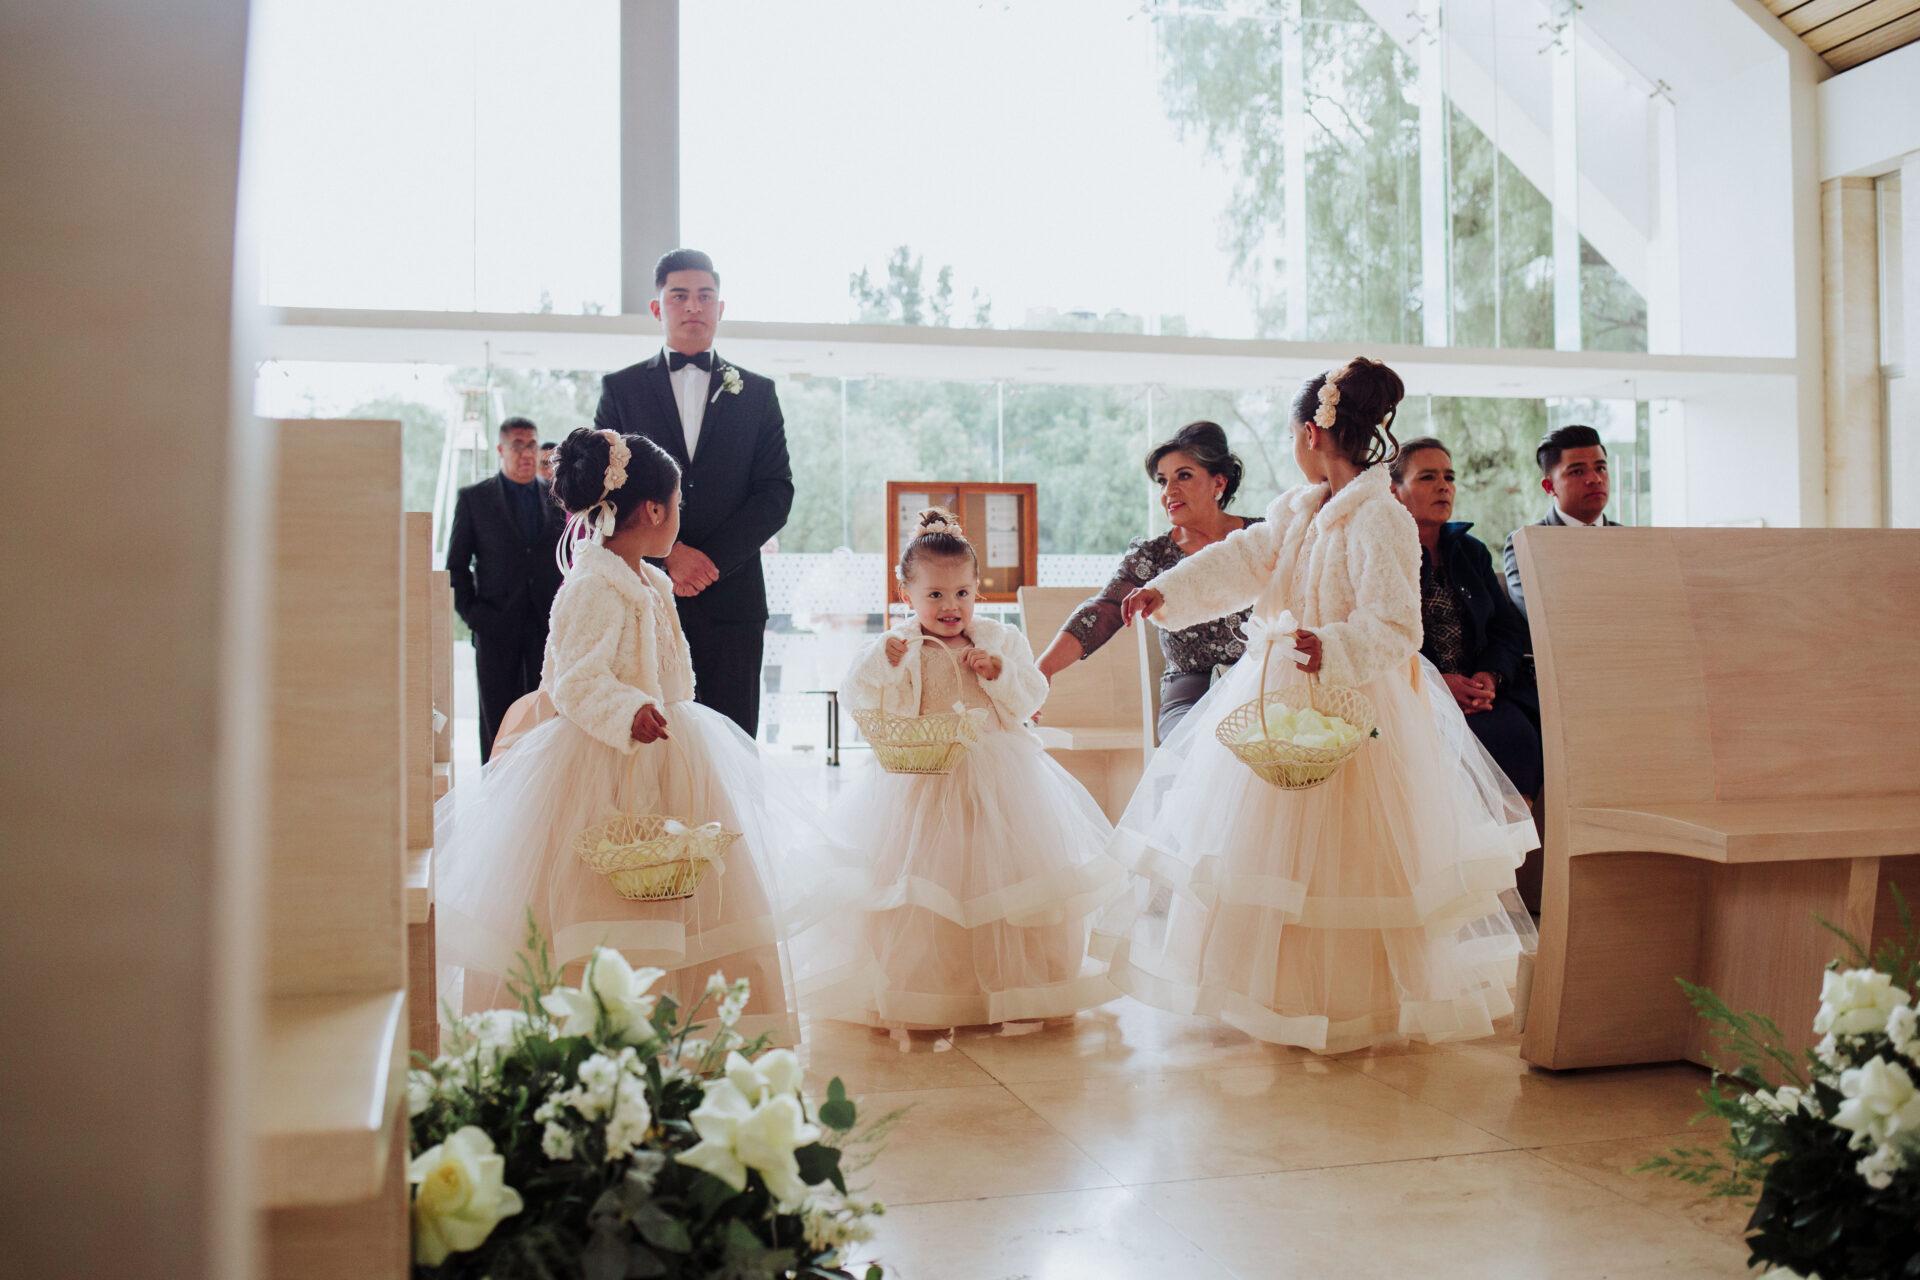 javier_noriega_fotografo_Boda_san_ramon_zacatecas_wedding_photographer4